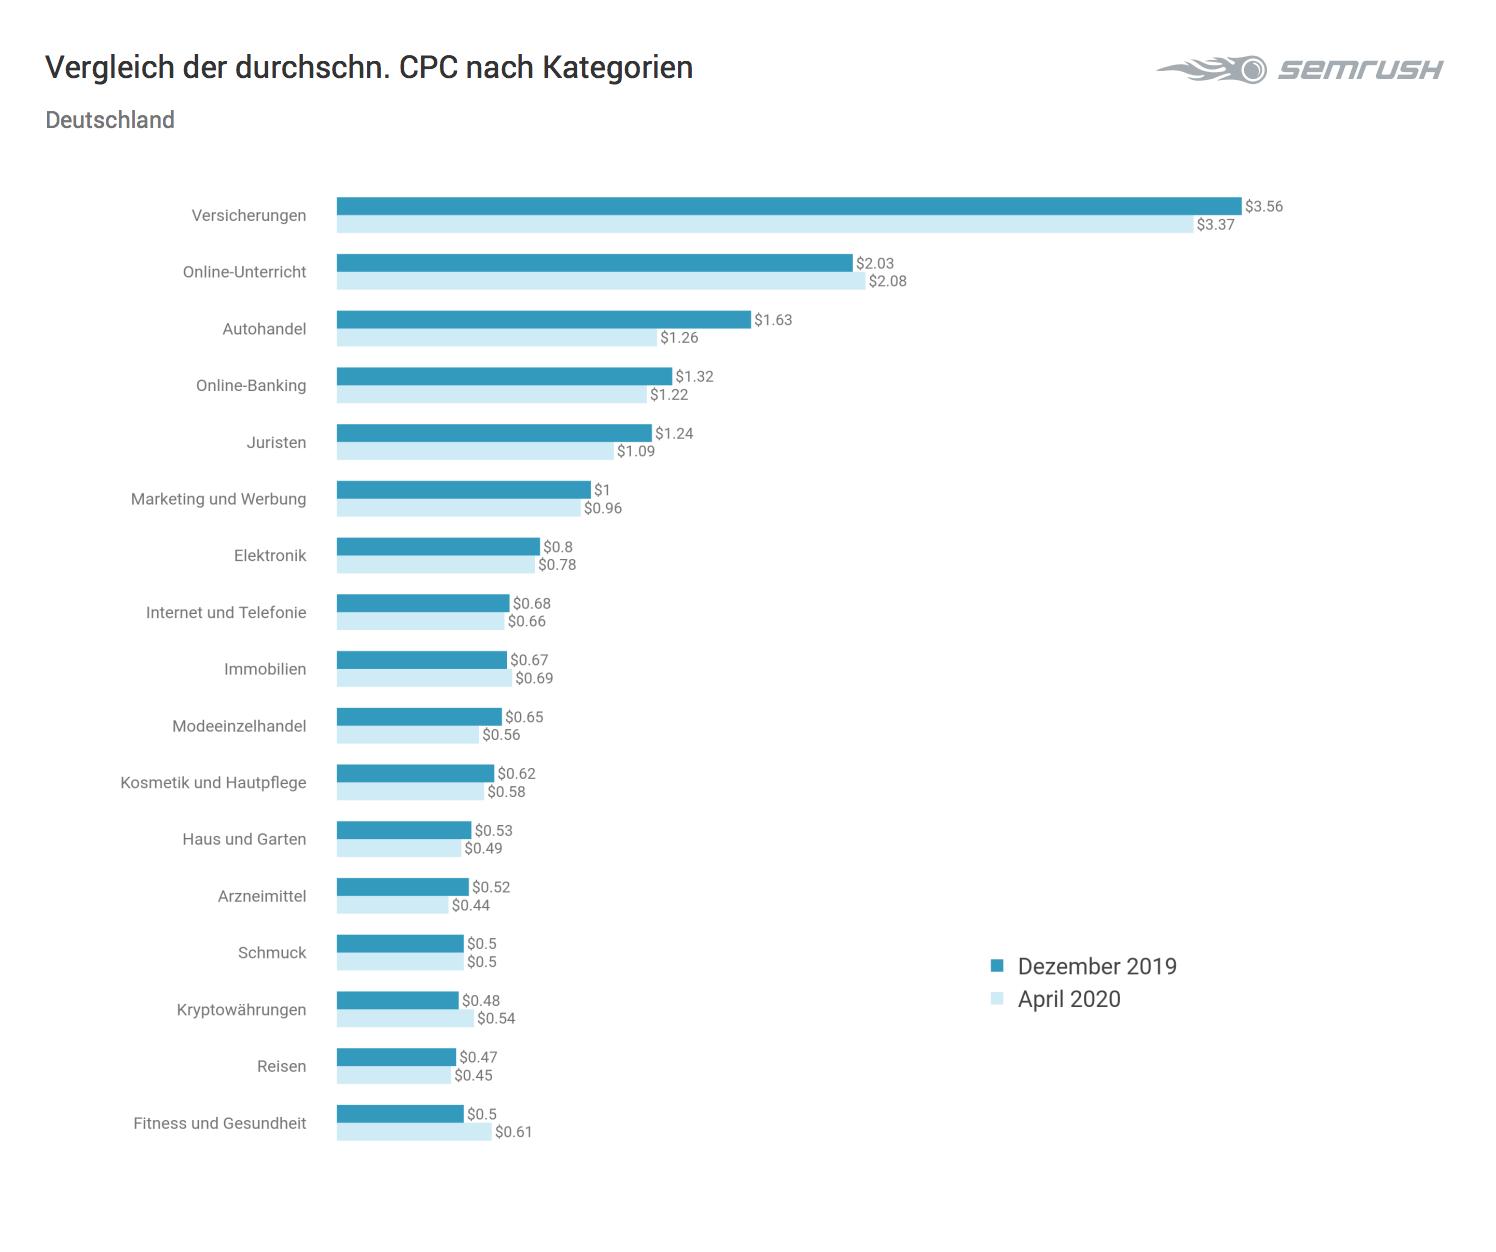 CPC-Vergleich nach Kategorien